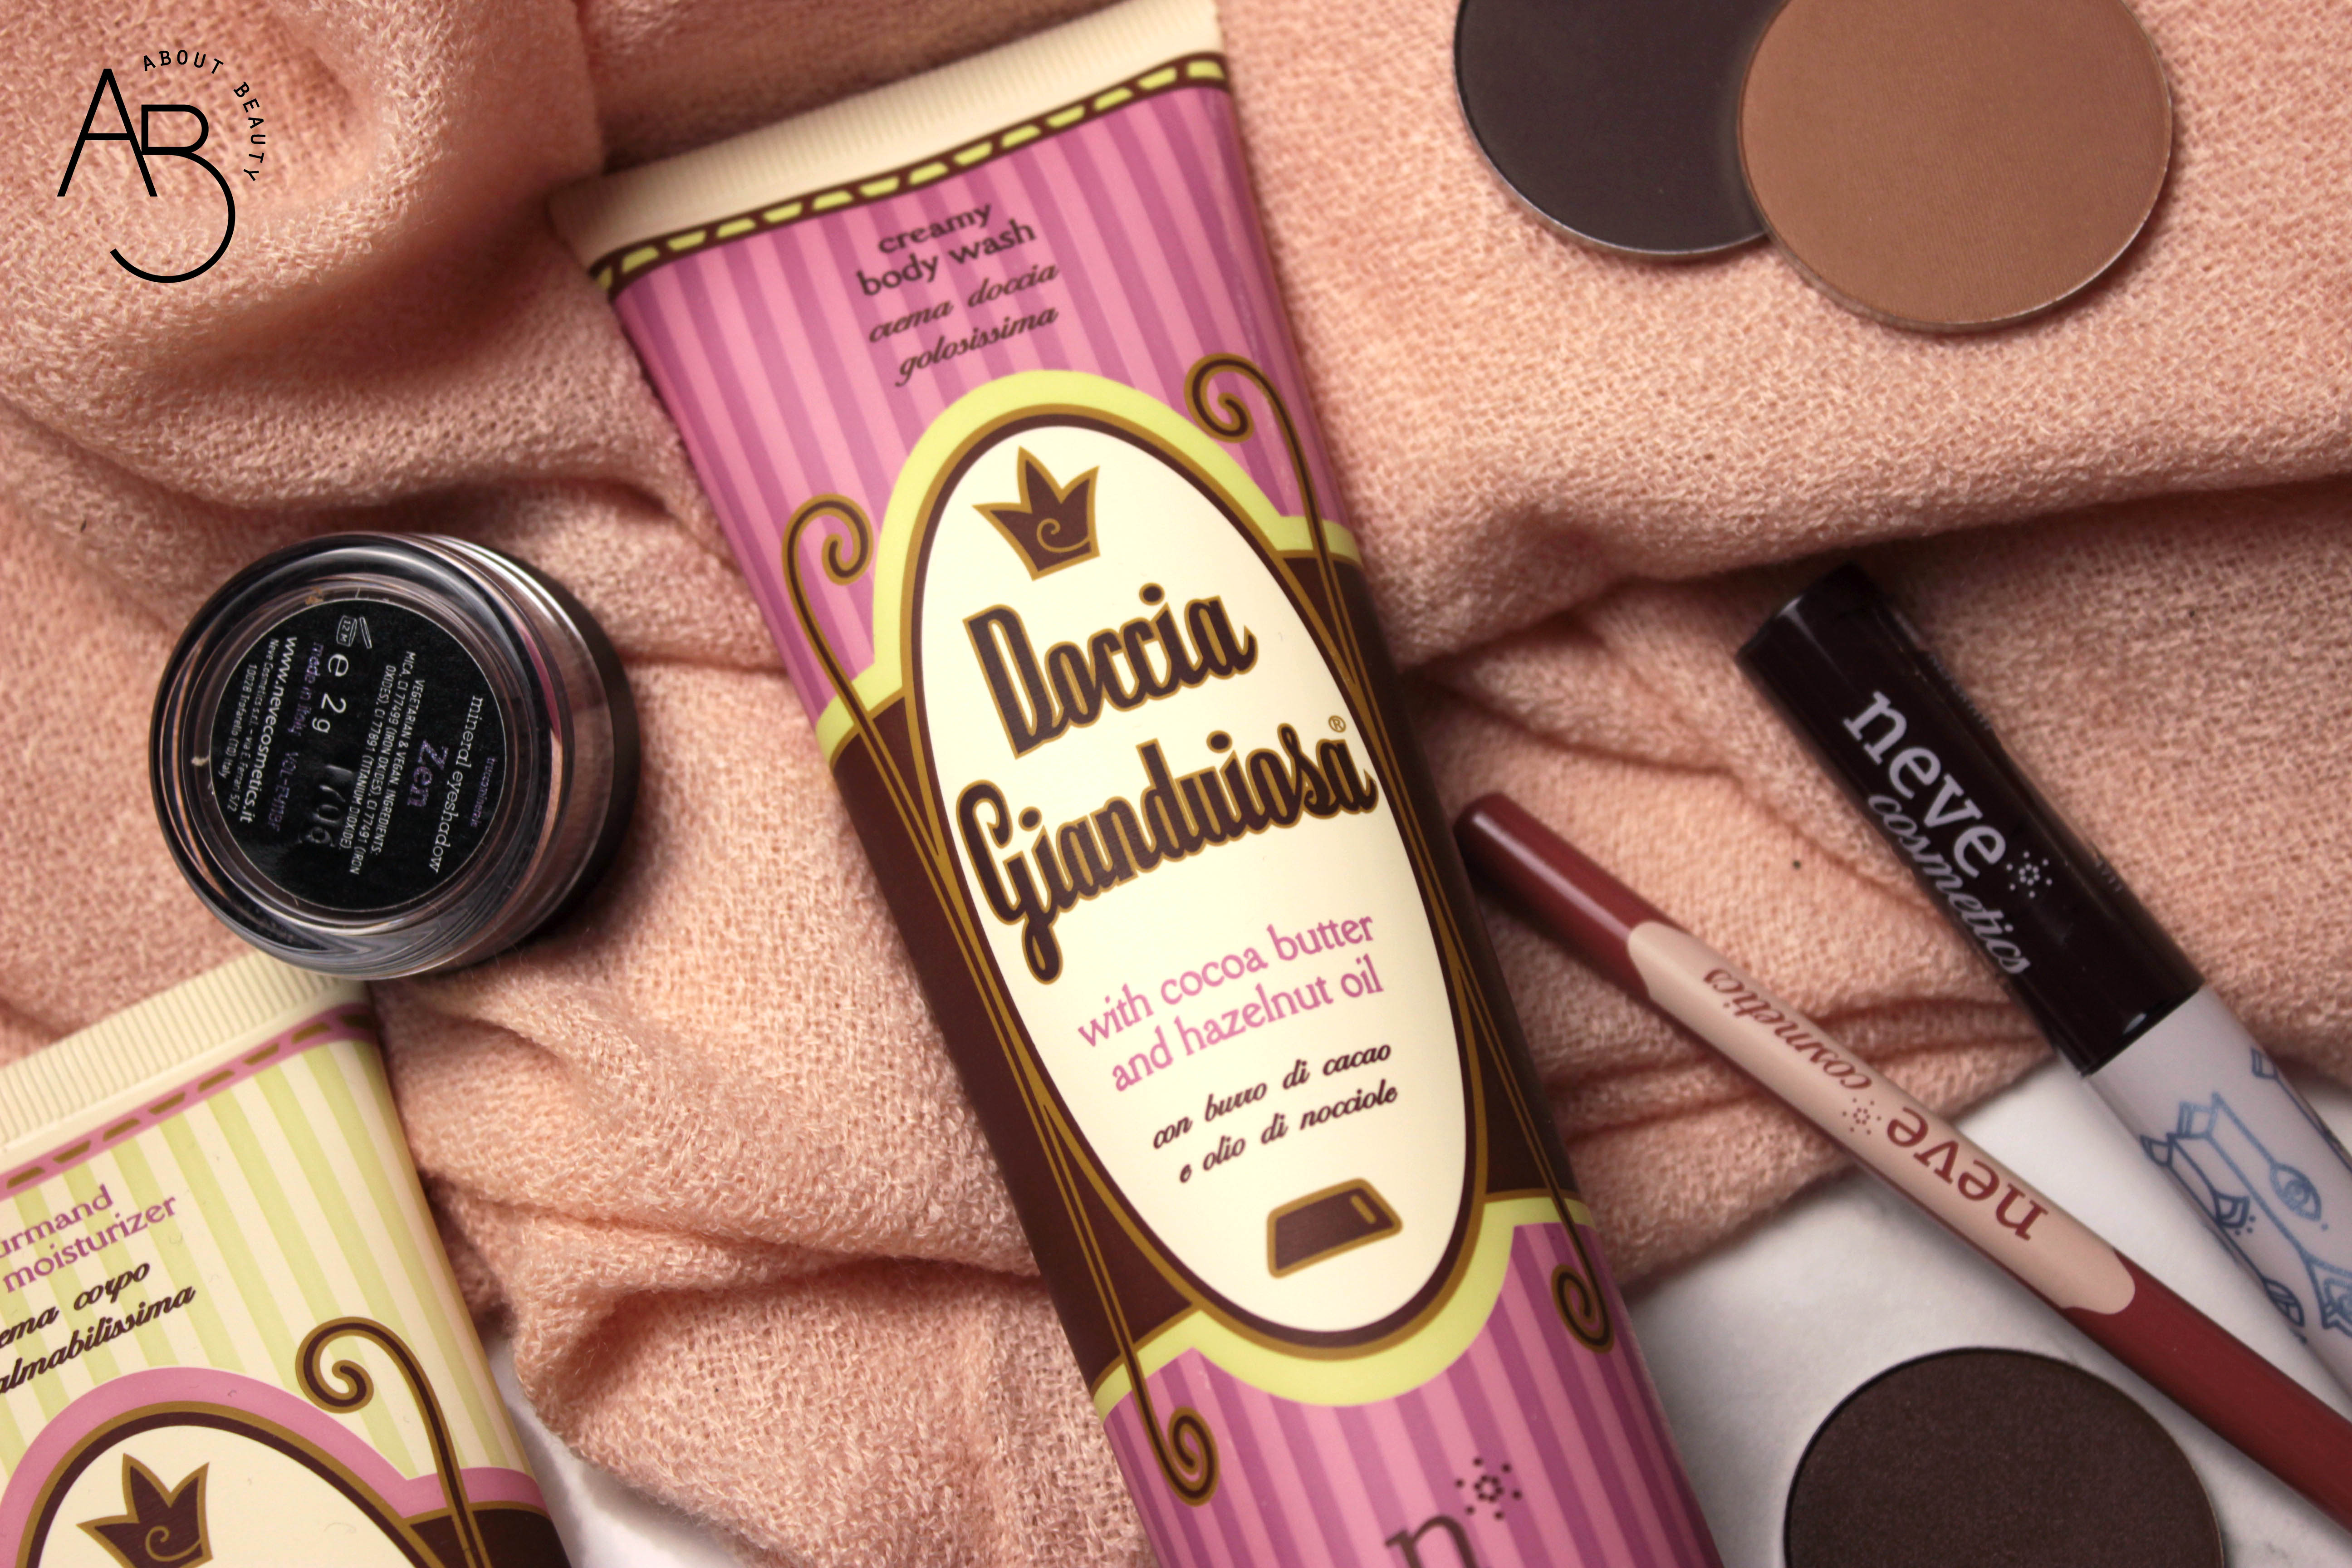 Doccia gianduiosa Neve Cosmetics - Review, recensione, info, prezzo, dove acquistare - Chocolate Valentine Promo